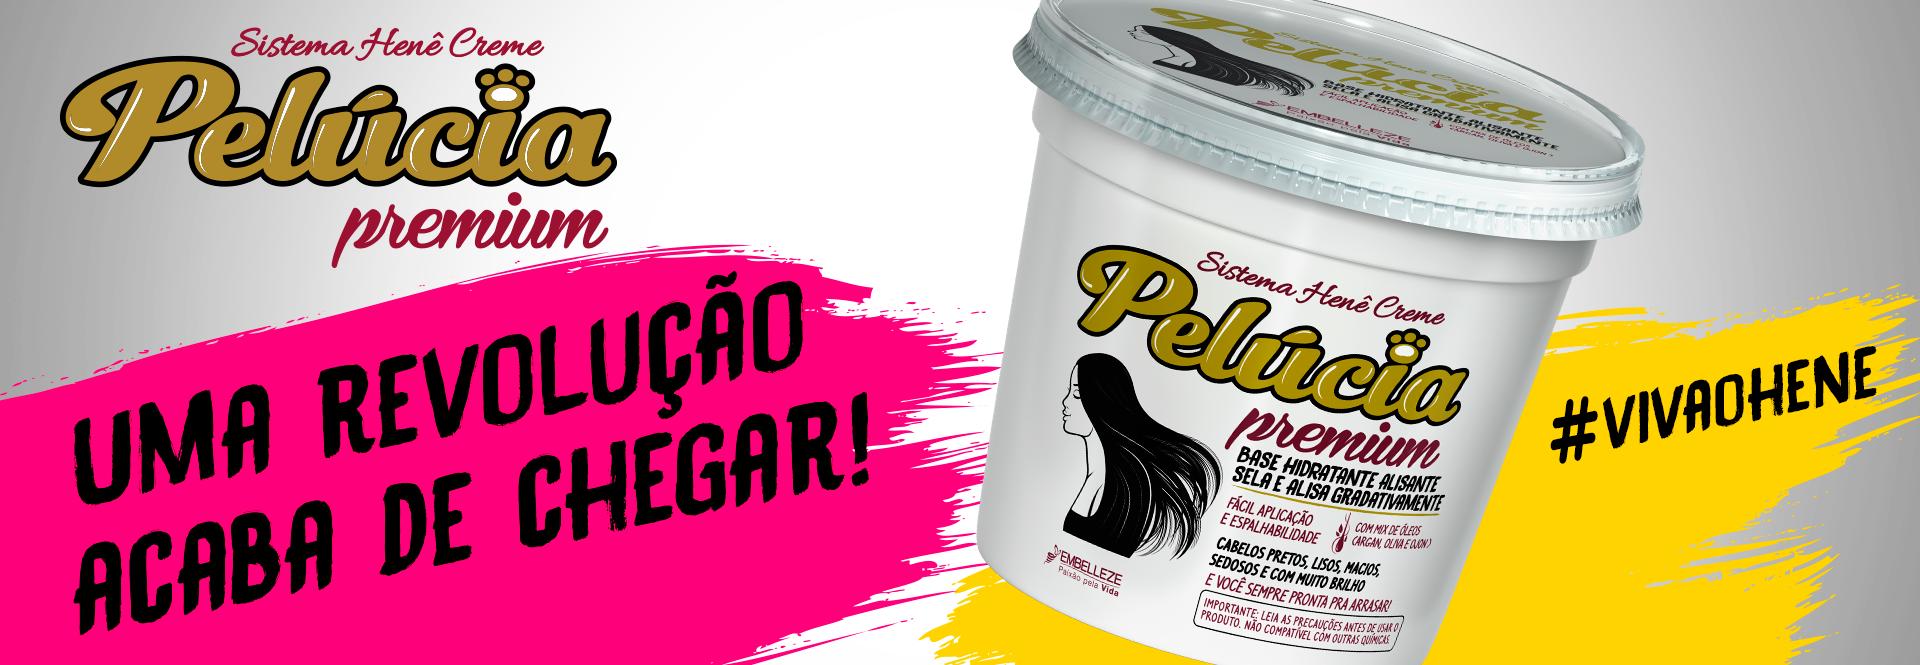 Banner Pelúcia Premium